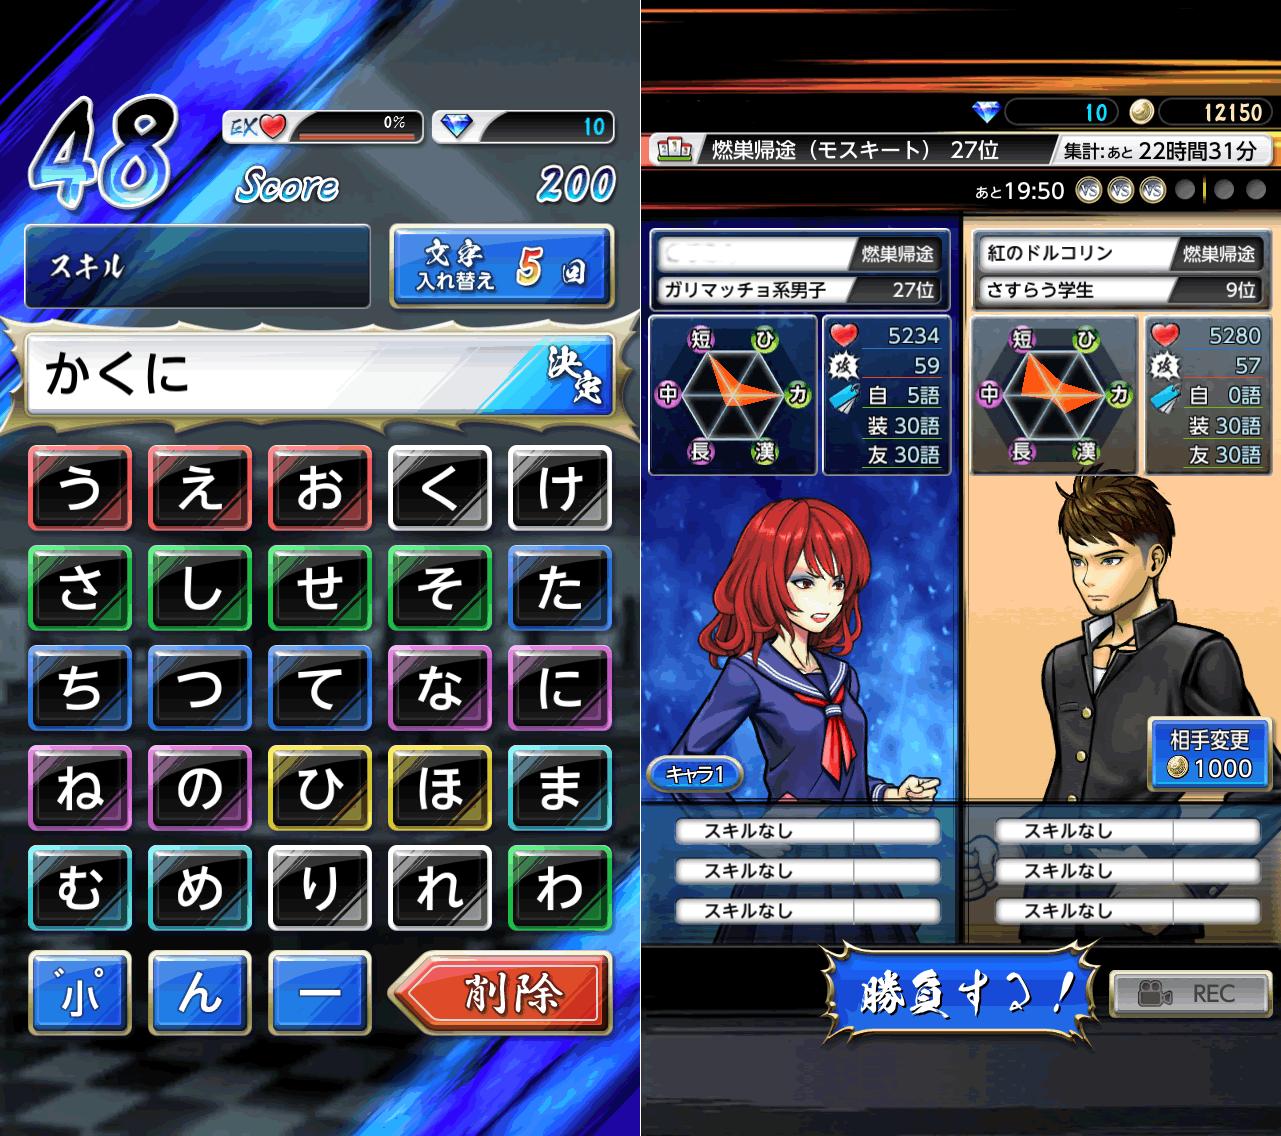 口先番長VS【しりとり格闘】 androidアプリスクリーンショット1